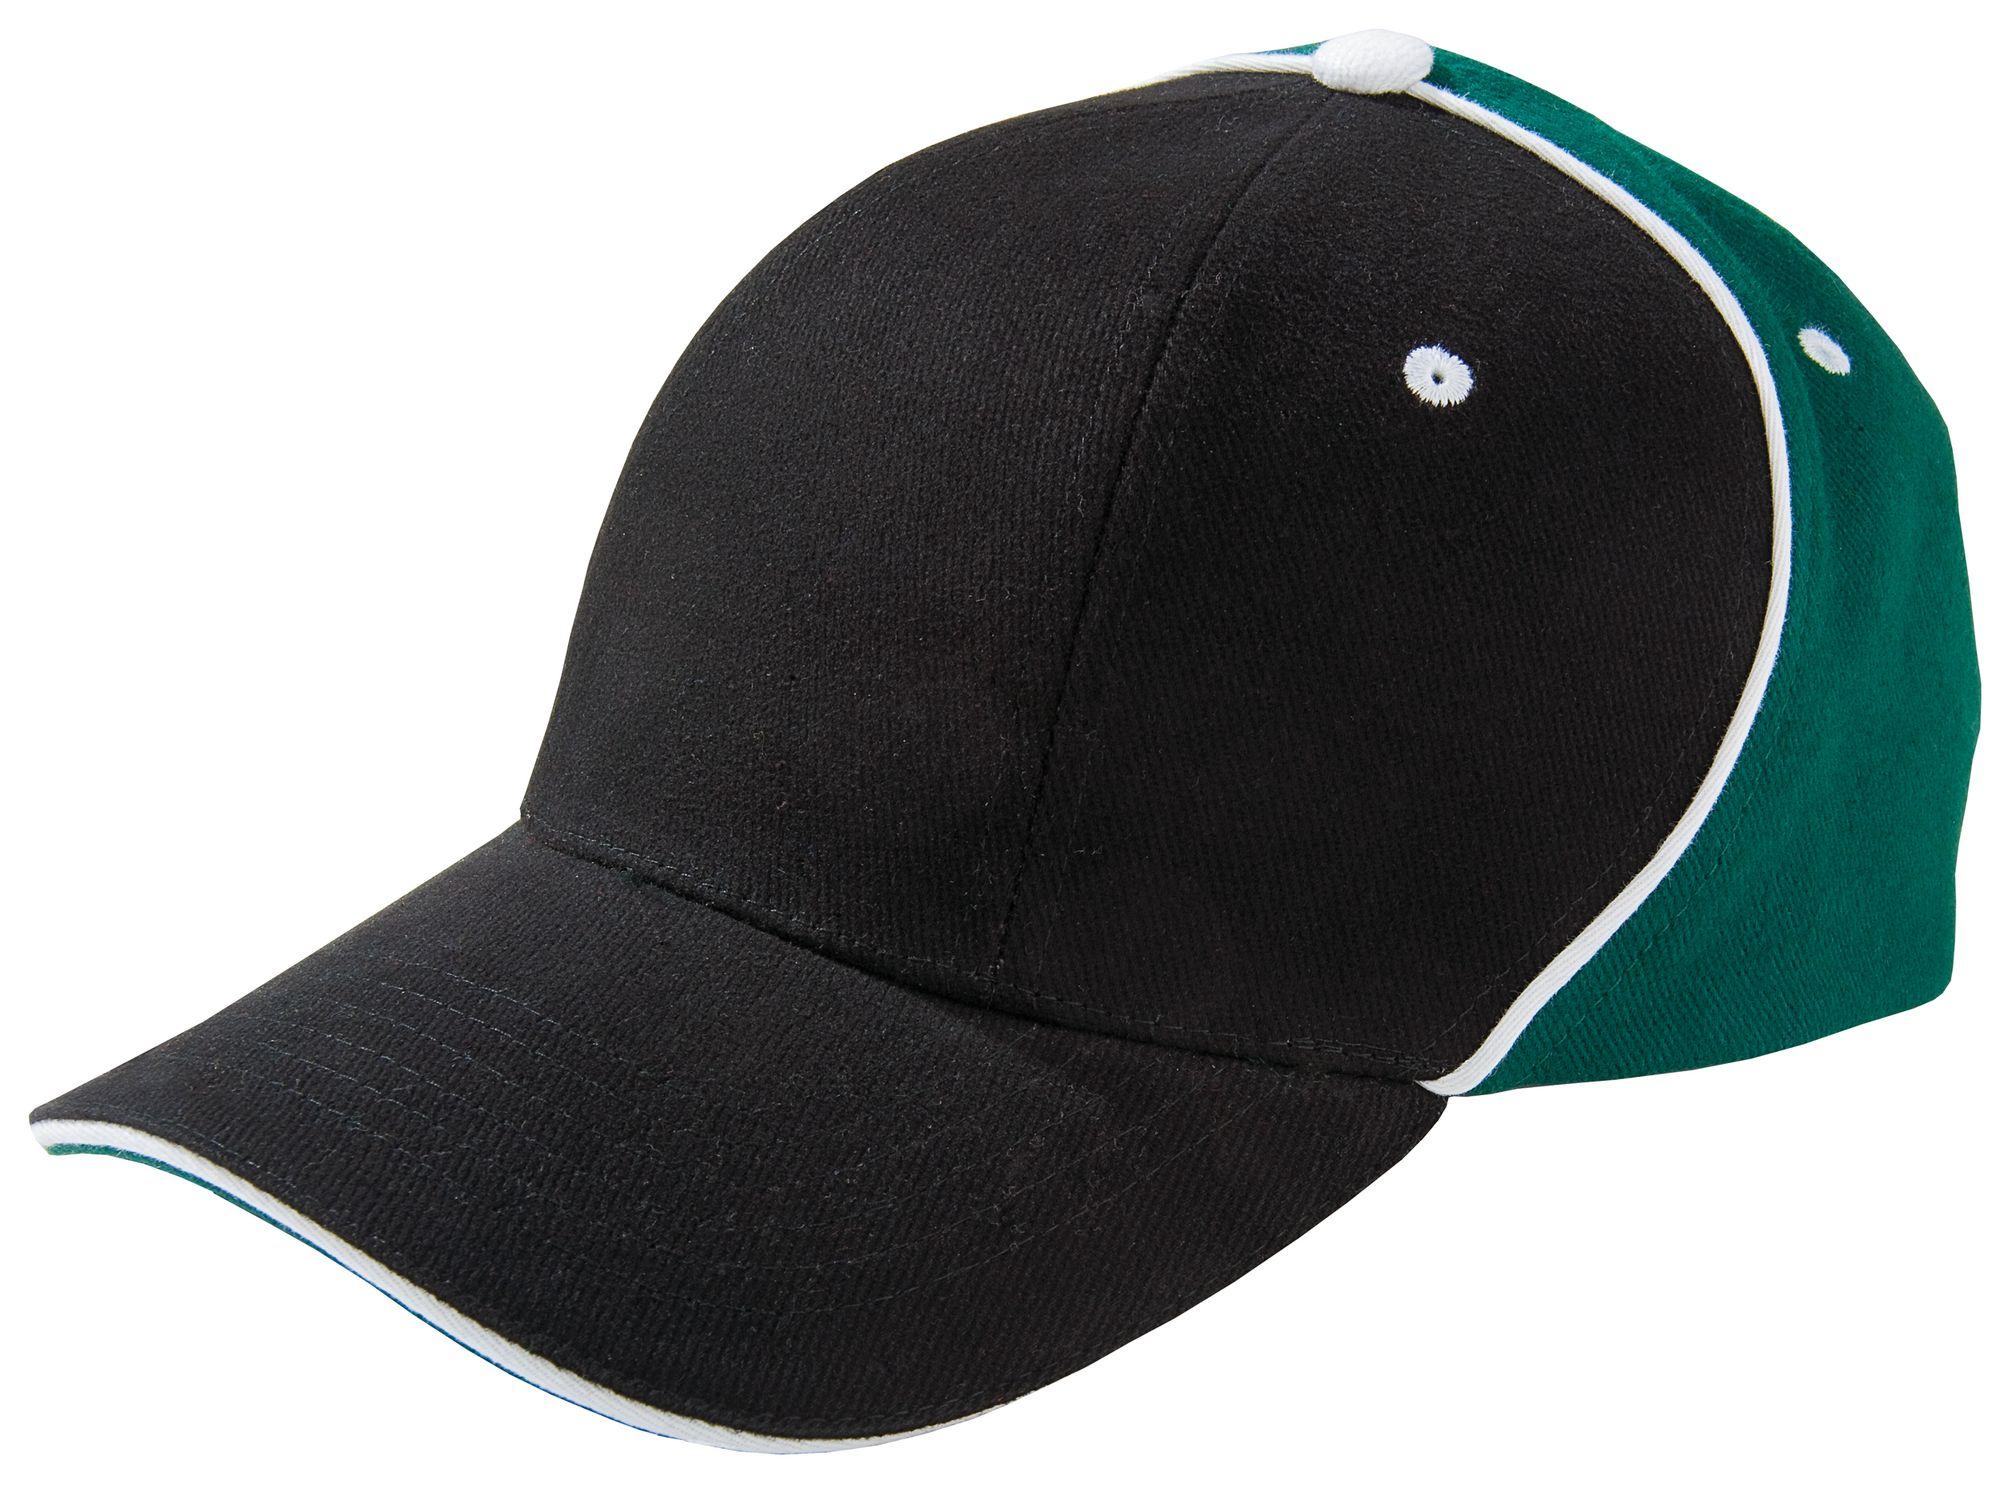 Бейсболка UNIT SMART, черная с зеленым